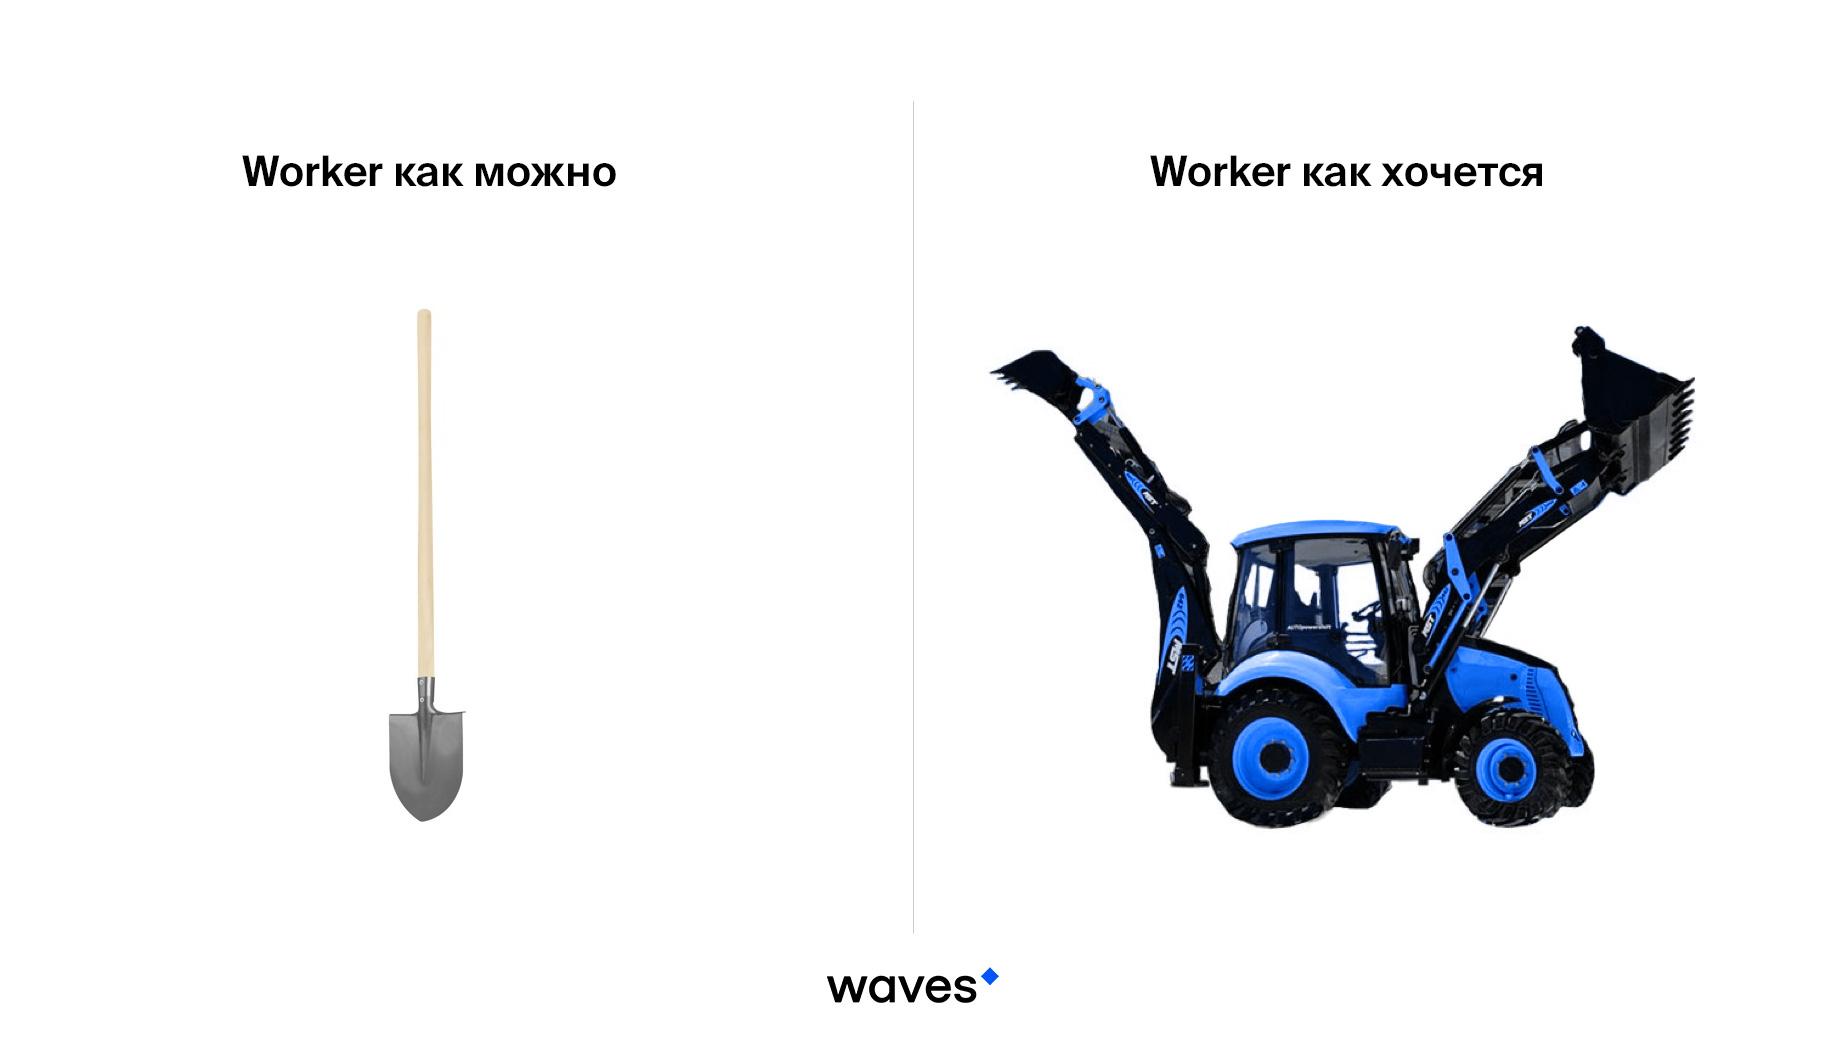 """Работа с Worker """"как хочется"""", а не """"как можно"""""""